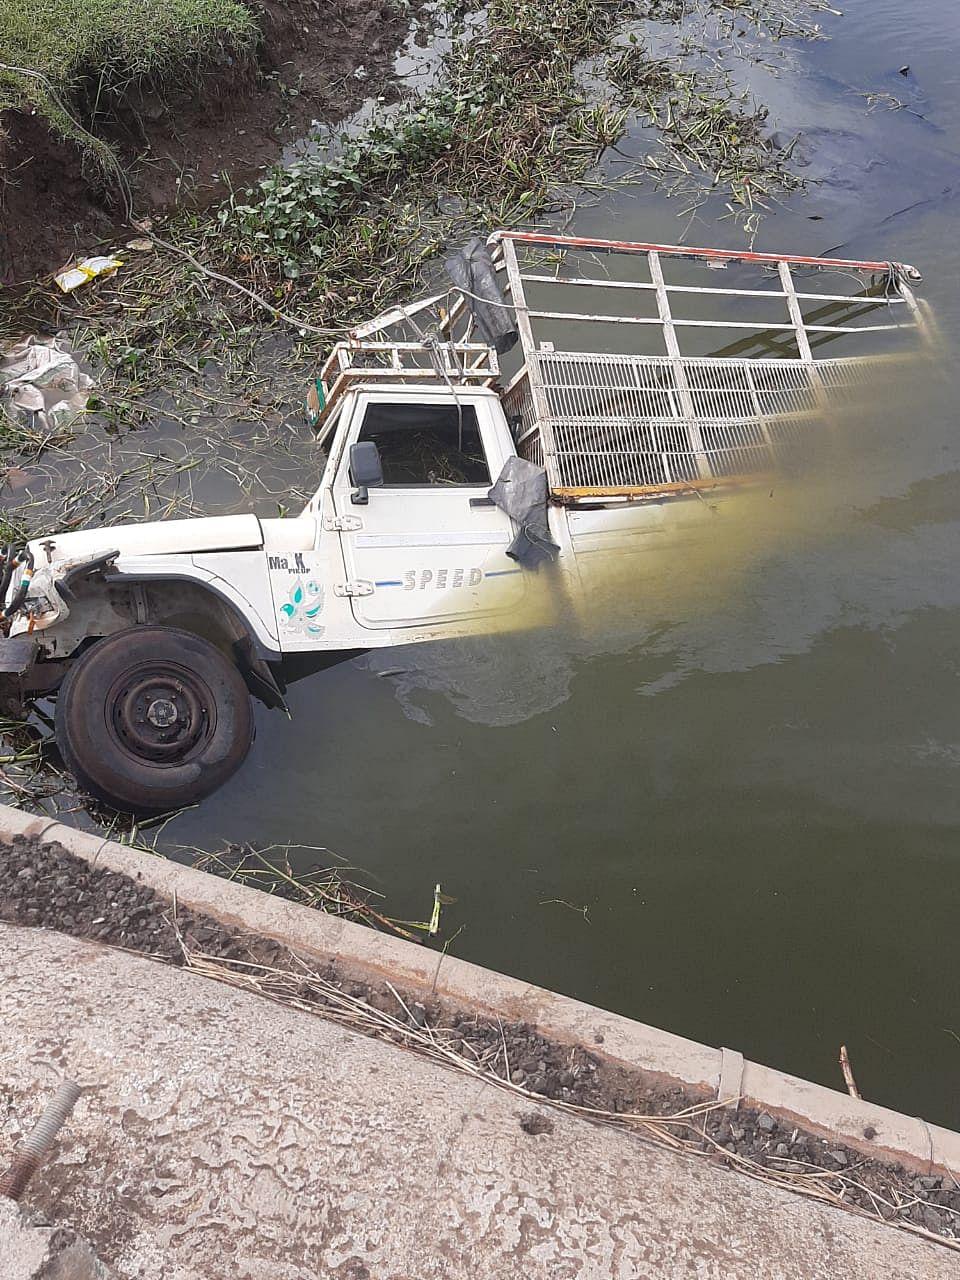 गोदावरी नदीपात्रात वऱ्हाडाची पिकअप उलटली